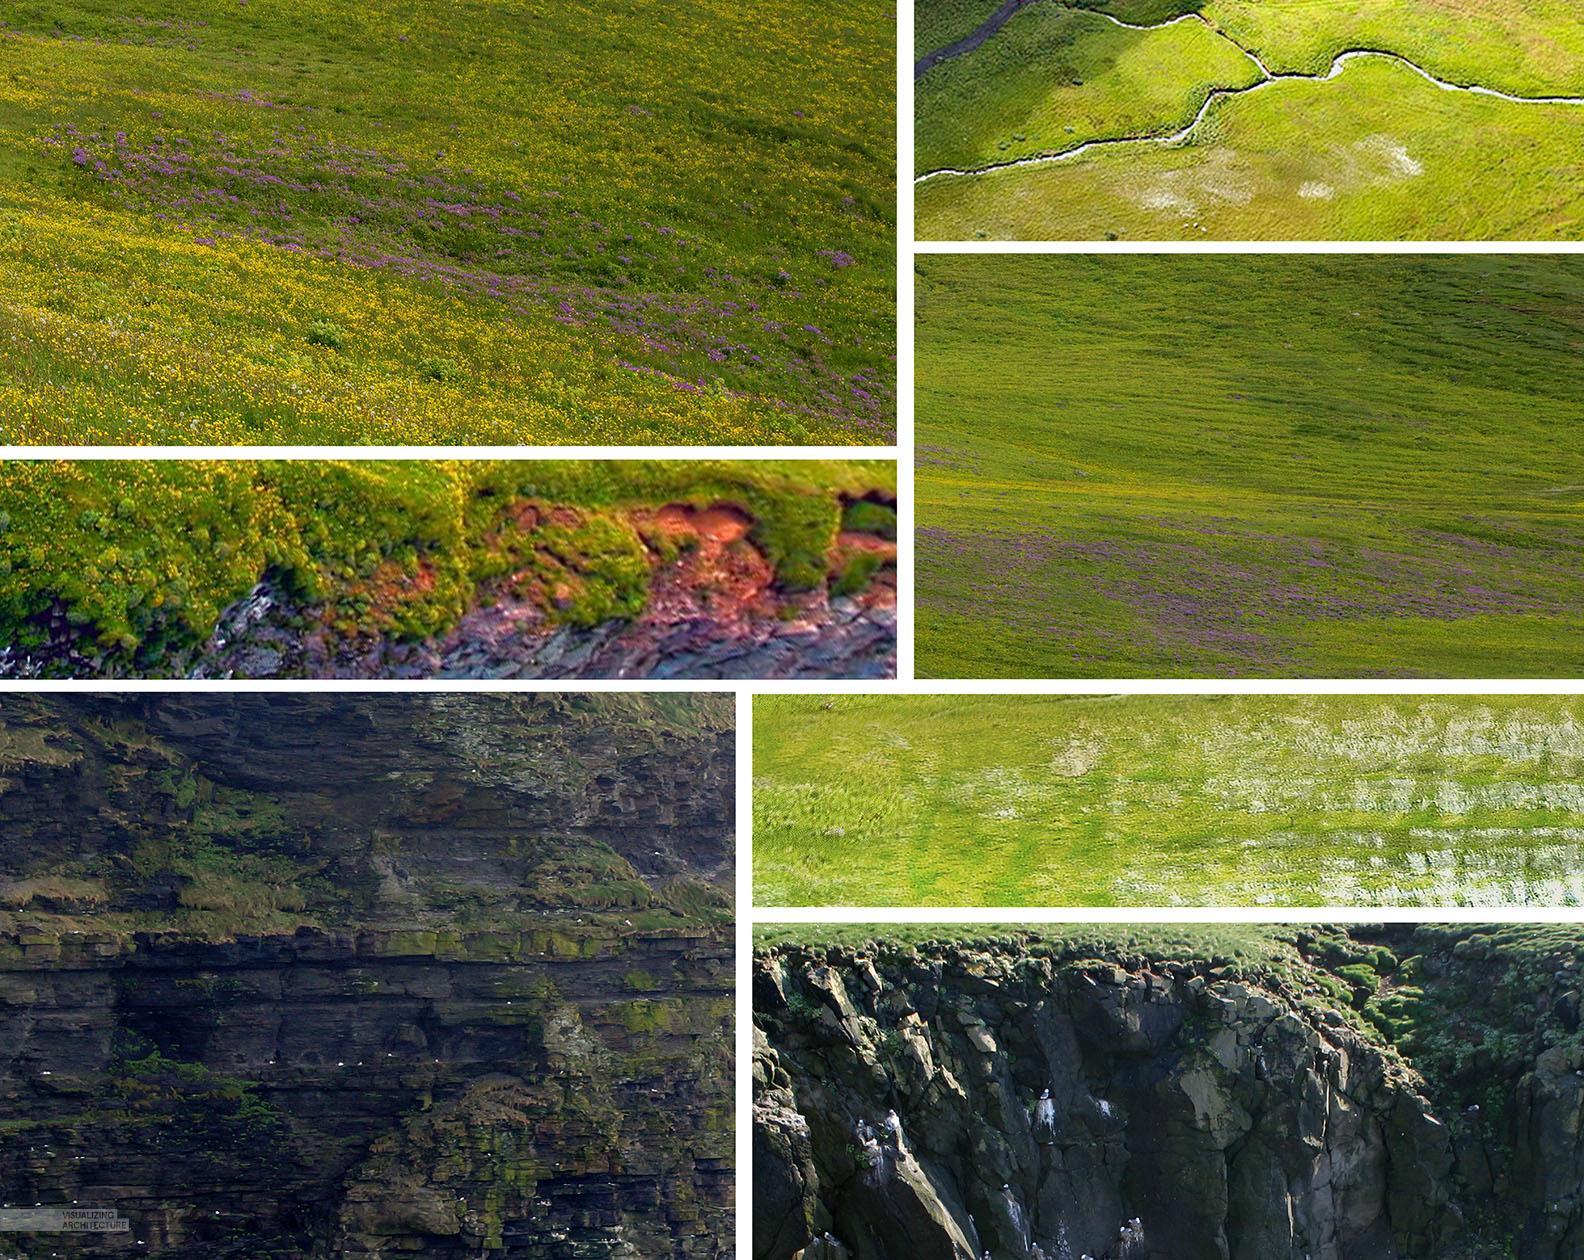 cliff_diagram_2_textures